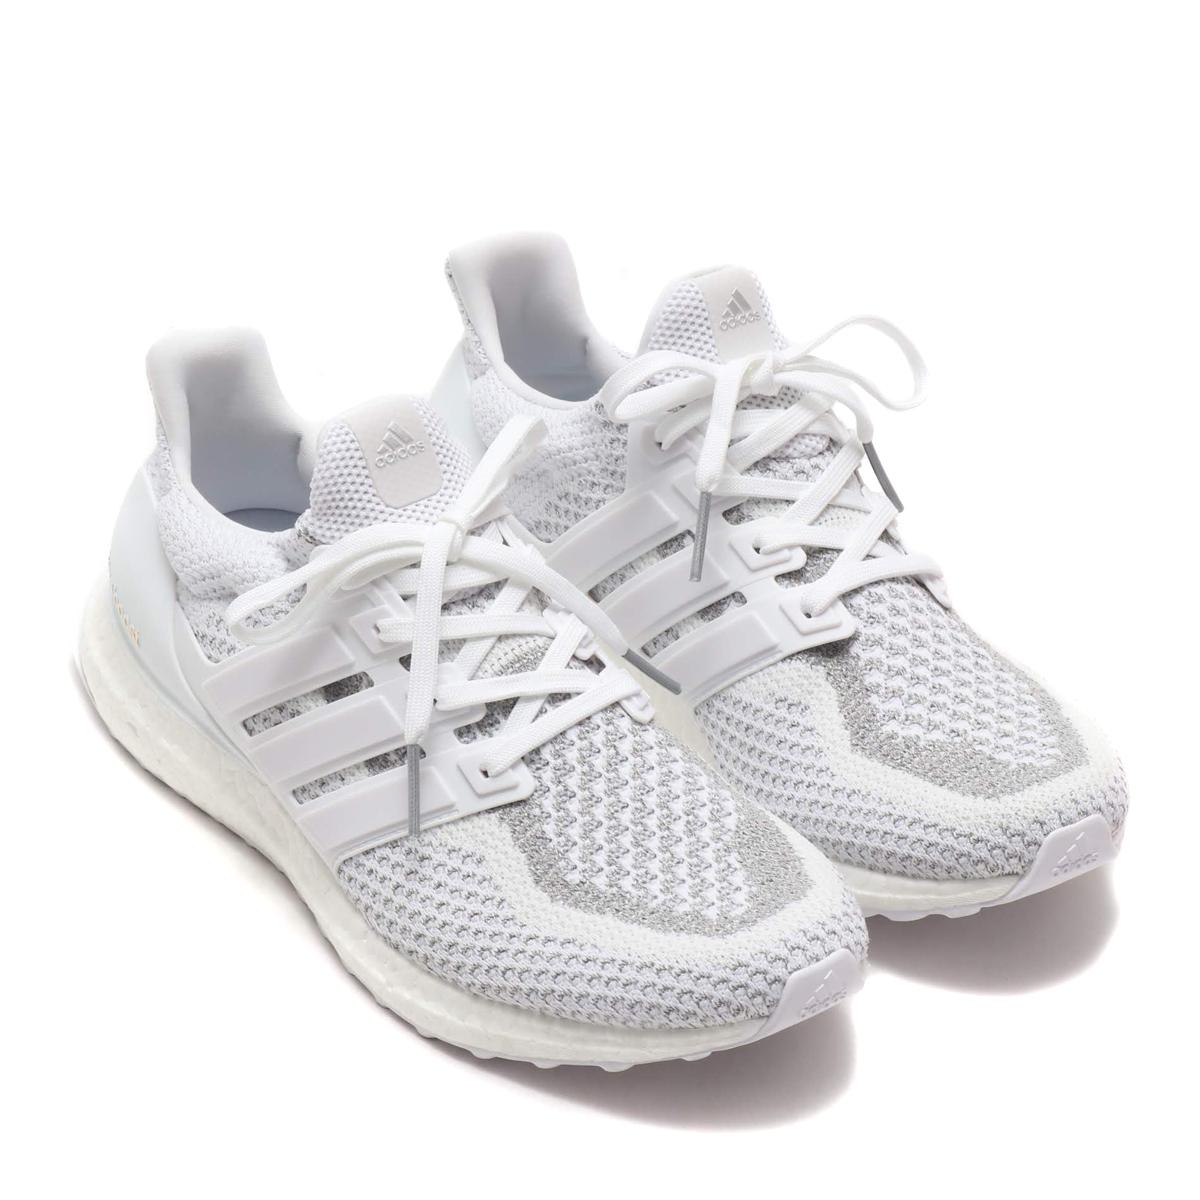 huge discount 25f18 9e1e6 adidas ULTRA BOOST LTD GLOW (Adidas ultra boost limited glow) RUNNING  WHITE/RUNNING WHITE 18FW-S